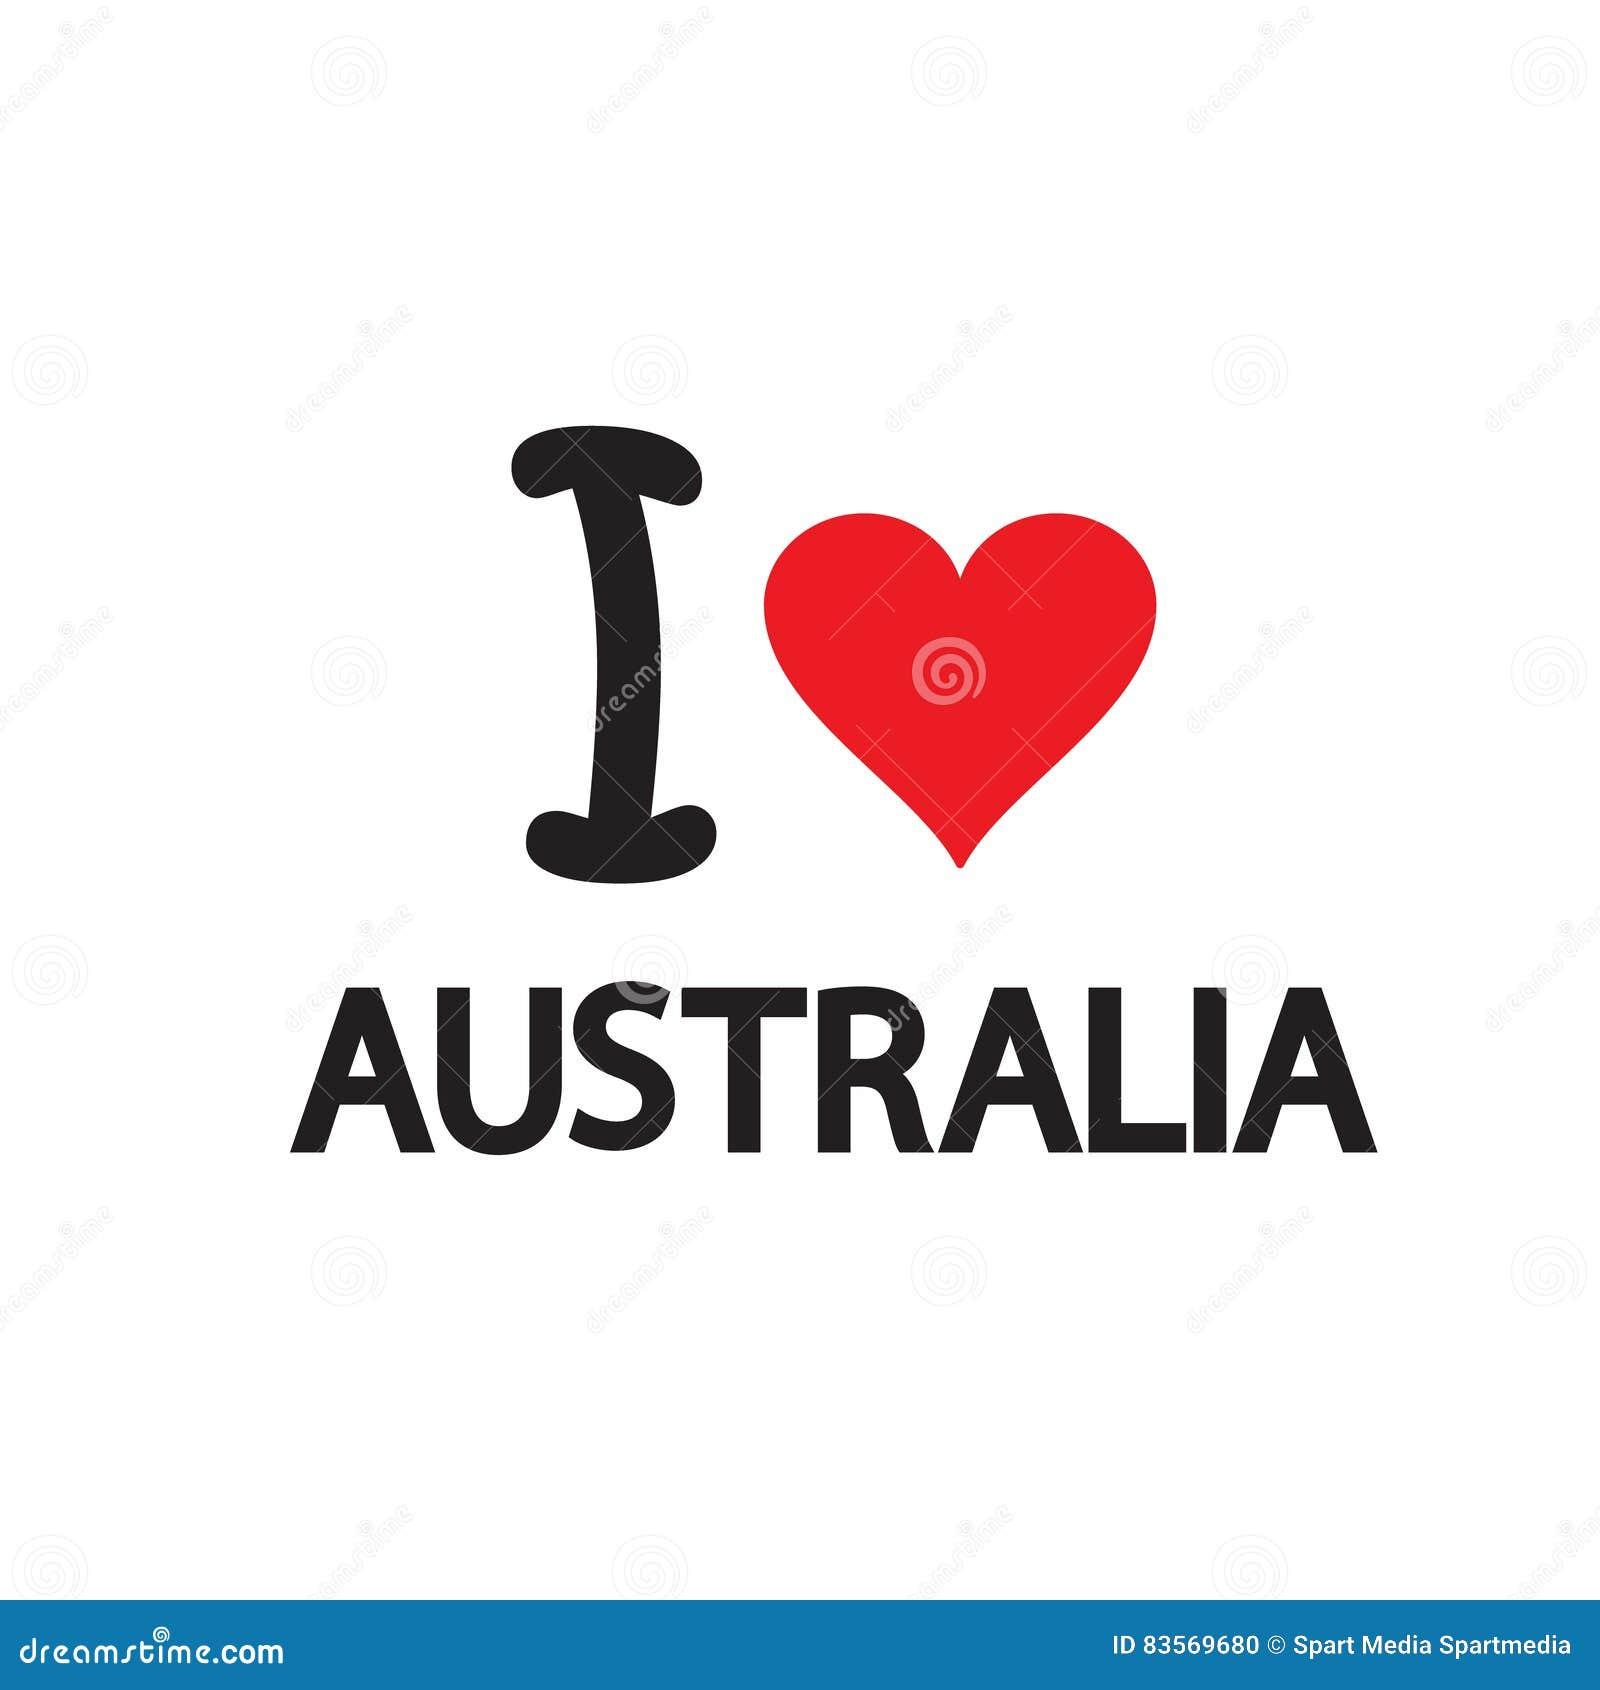 Australia Day Stock Vector Illustration Of Blue Ball 83569680